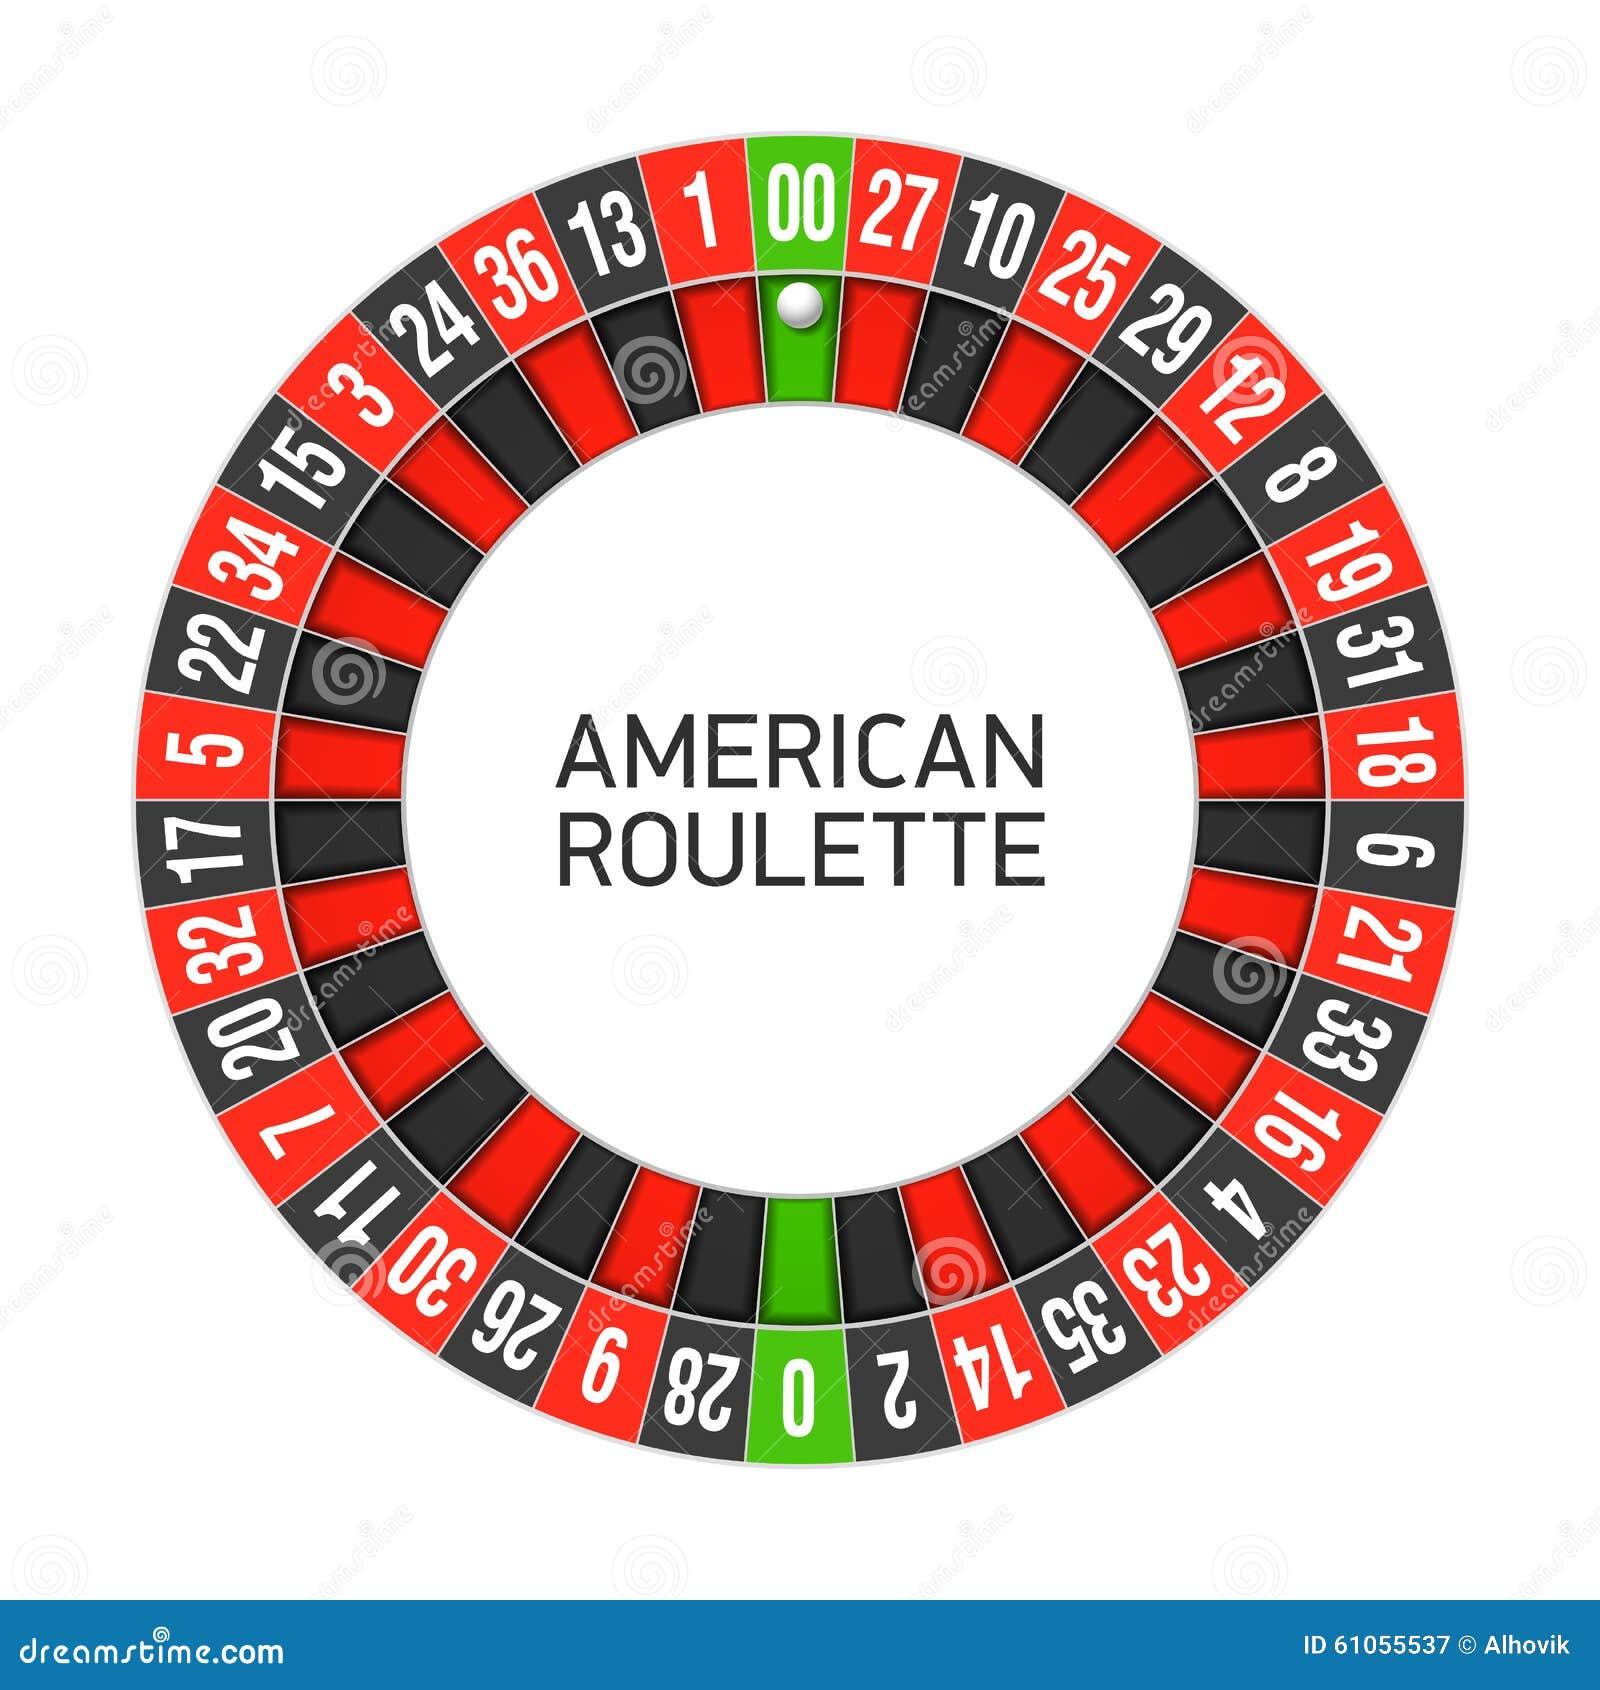 descarga el casino gratis sin registrarte